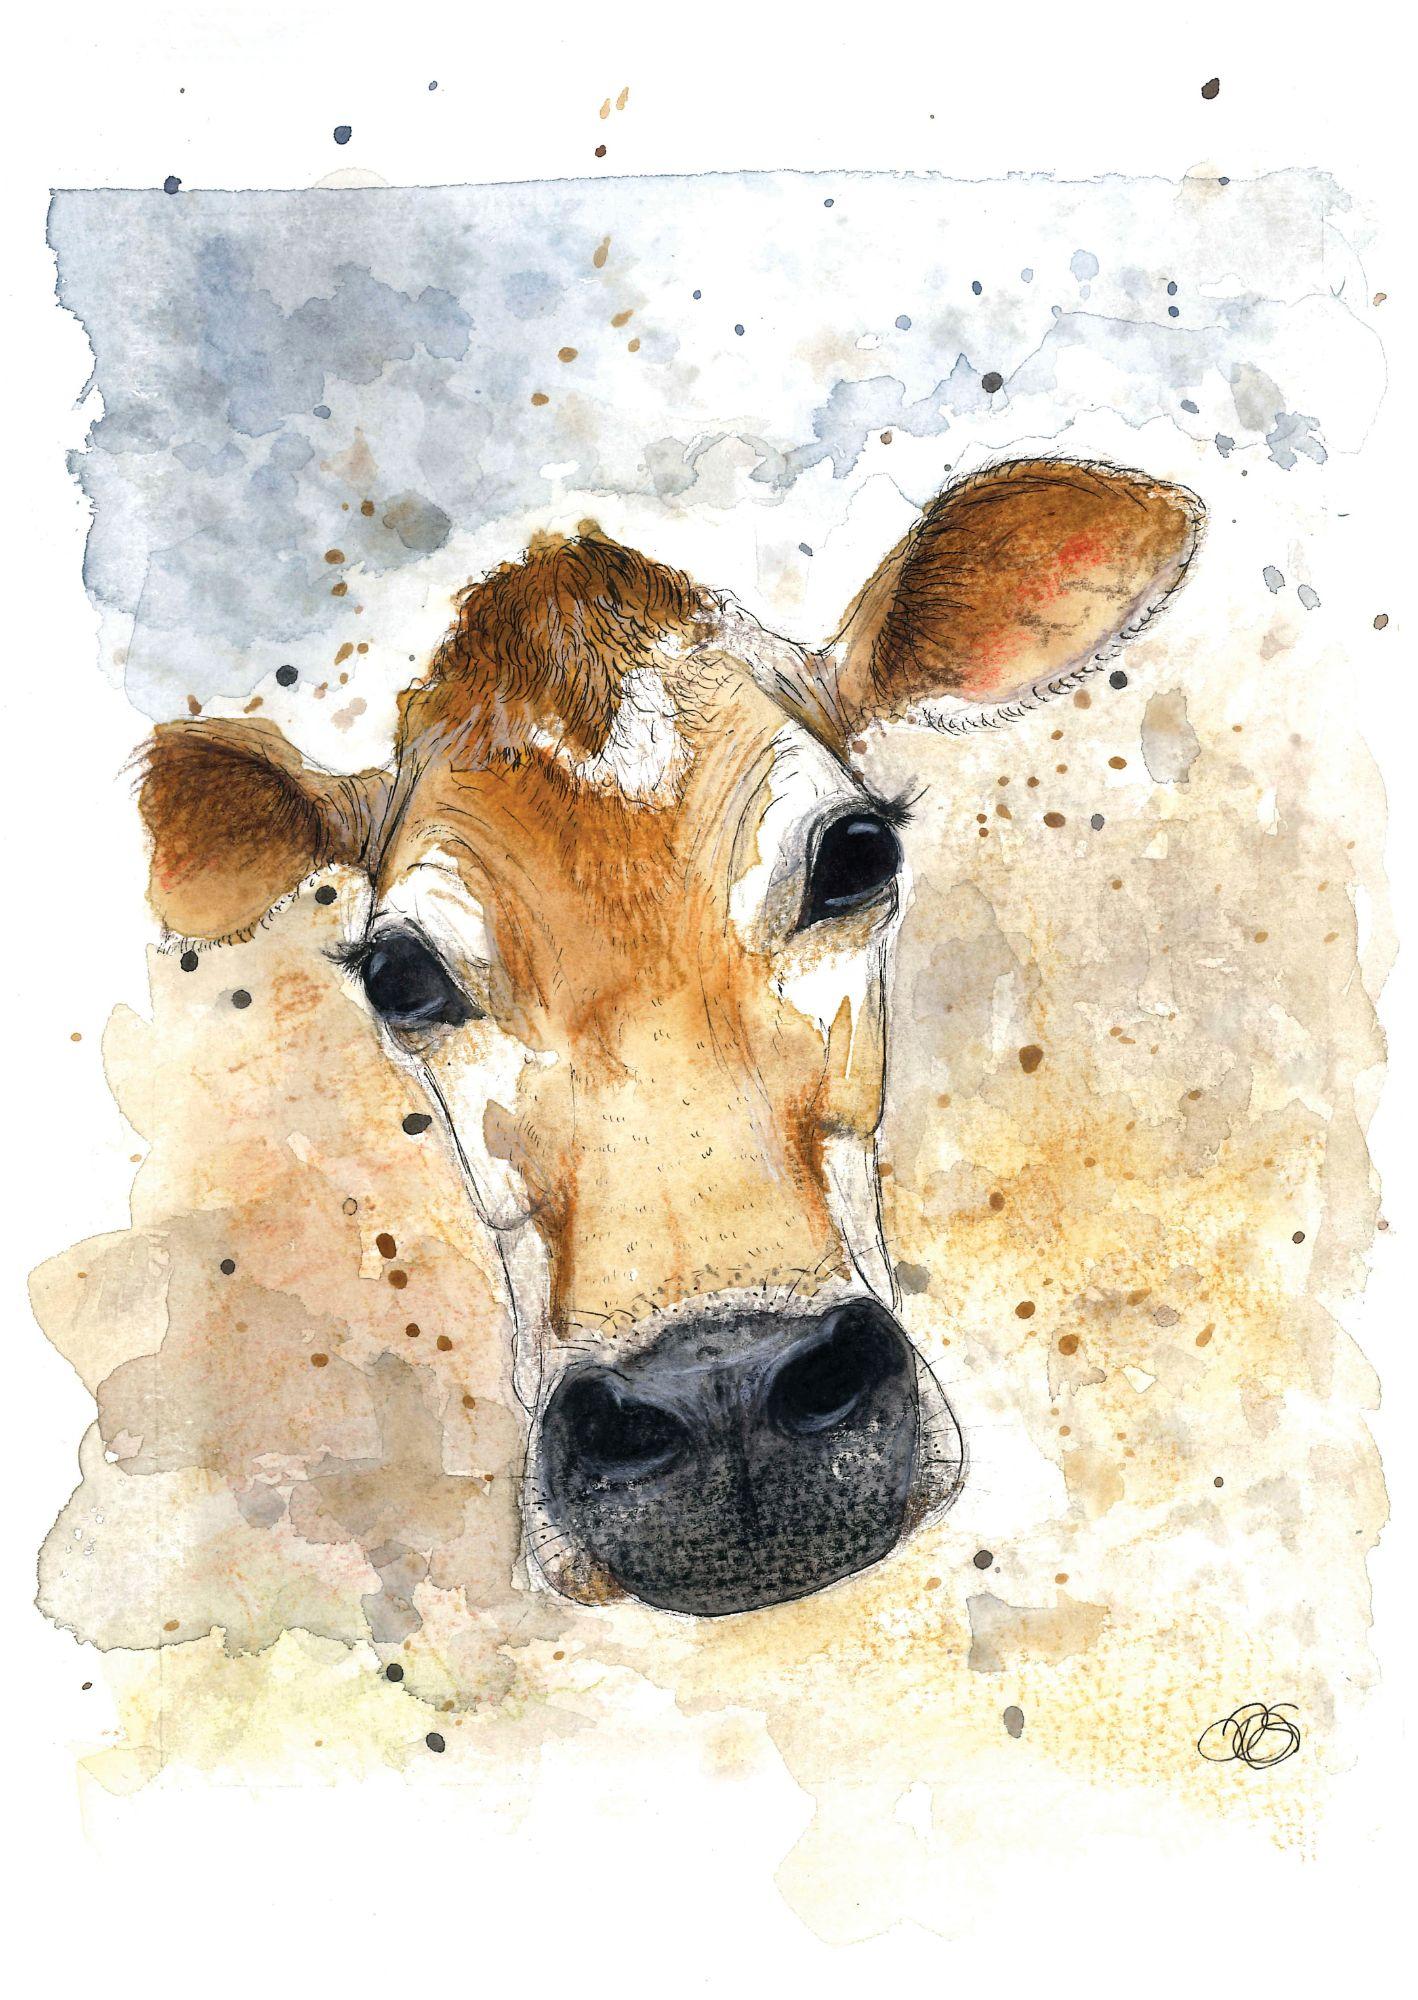 COW WATERCOLOUR.jpg